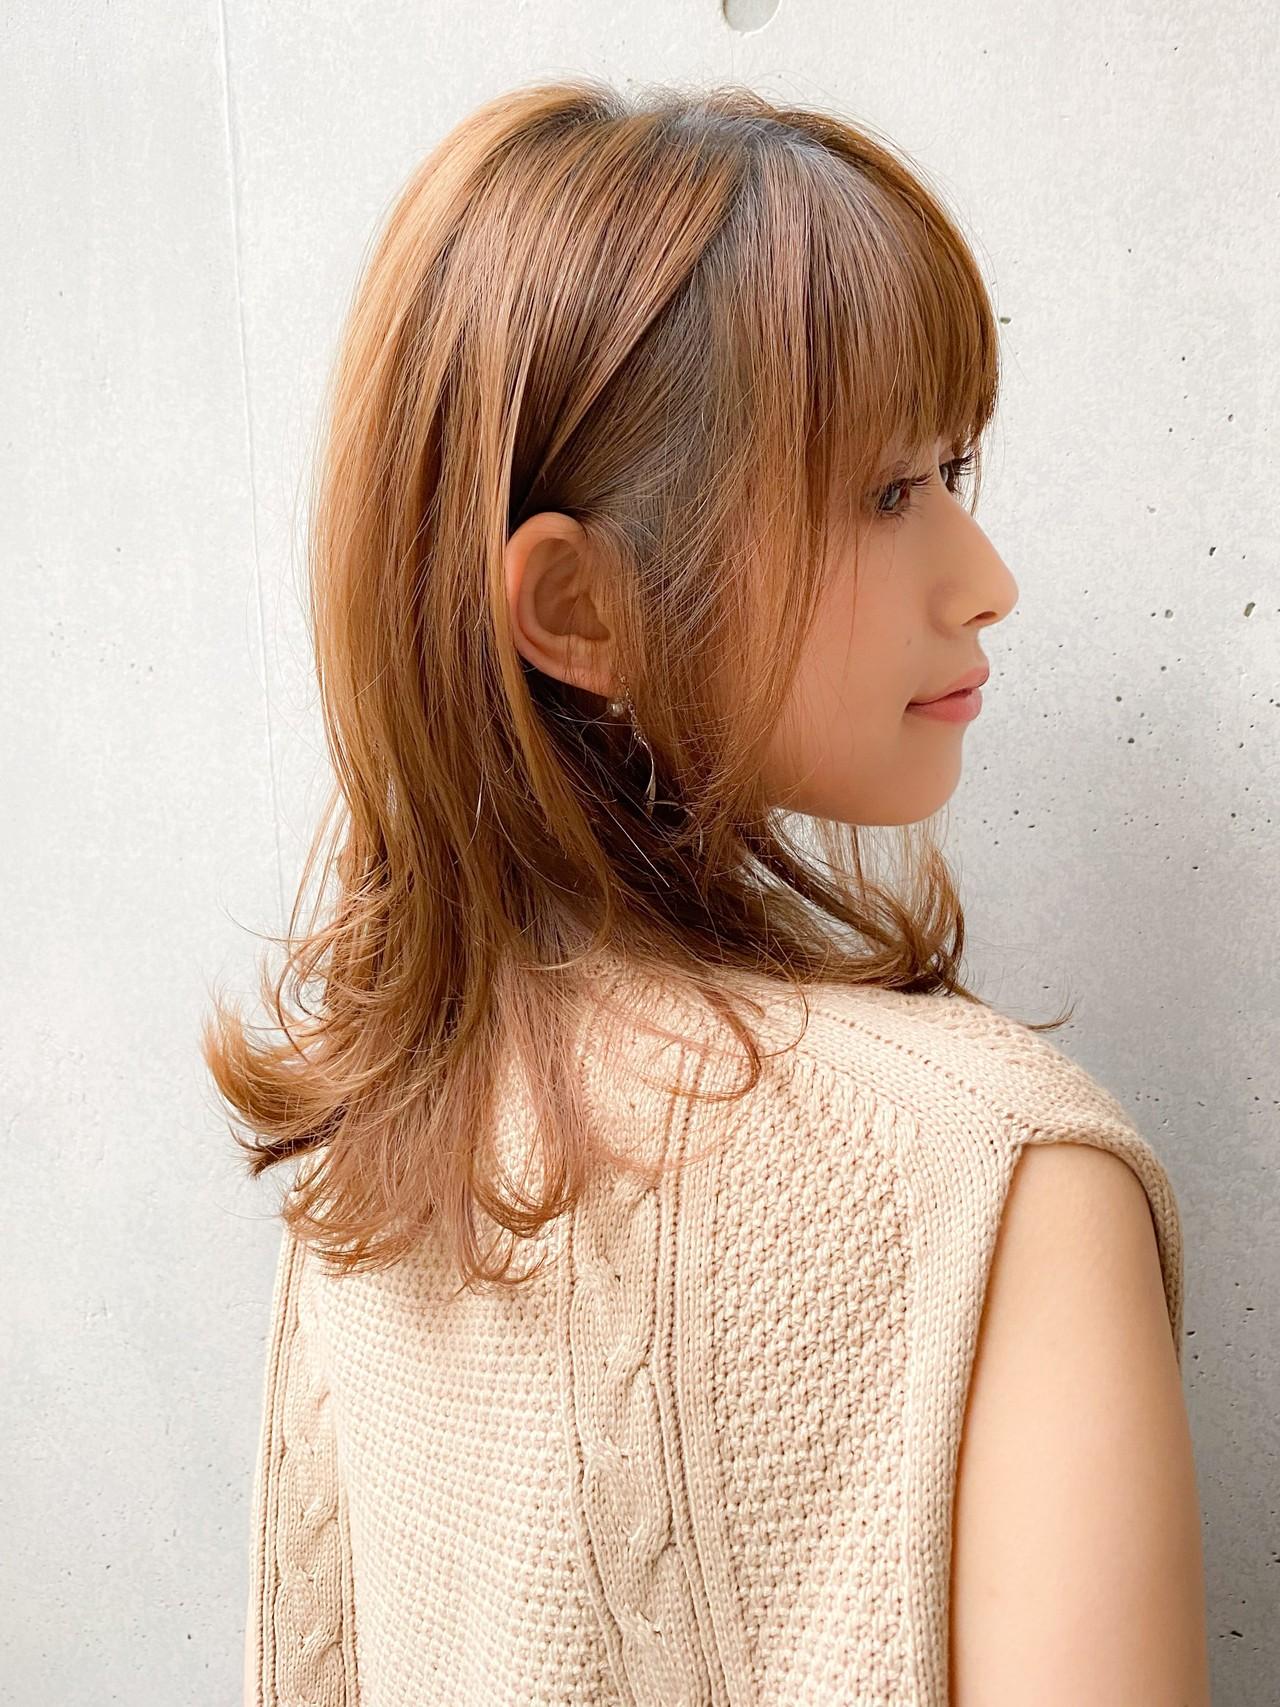 外ハネ 前髪あり ナチュラル デジタルパーマ ヘアスタイルや髪型の写真・画像 | 宮崎陽平/Agnos青山 / Agnos青山